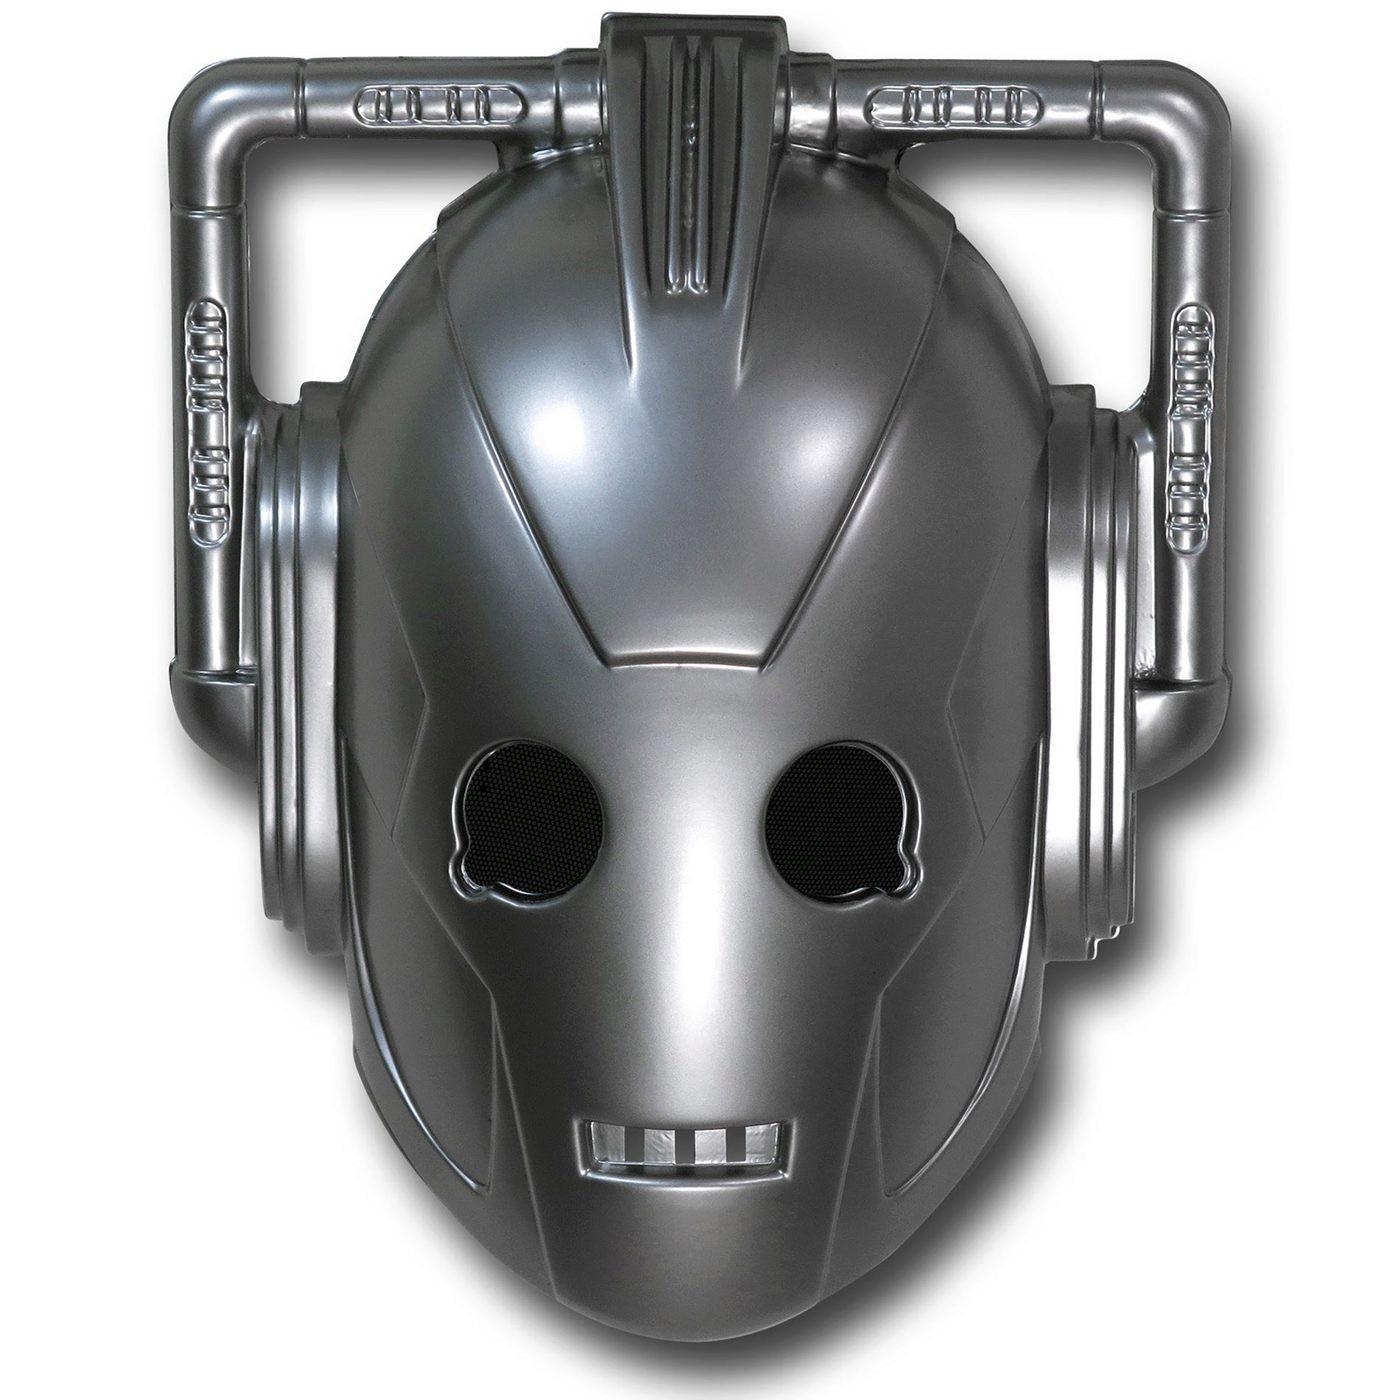 Doctor Who Cyberman Mask